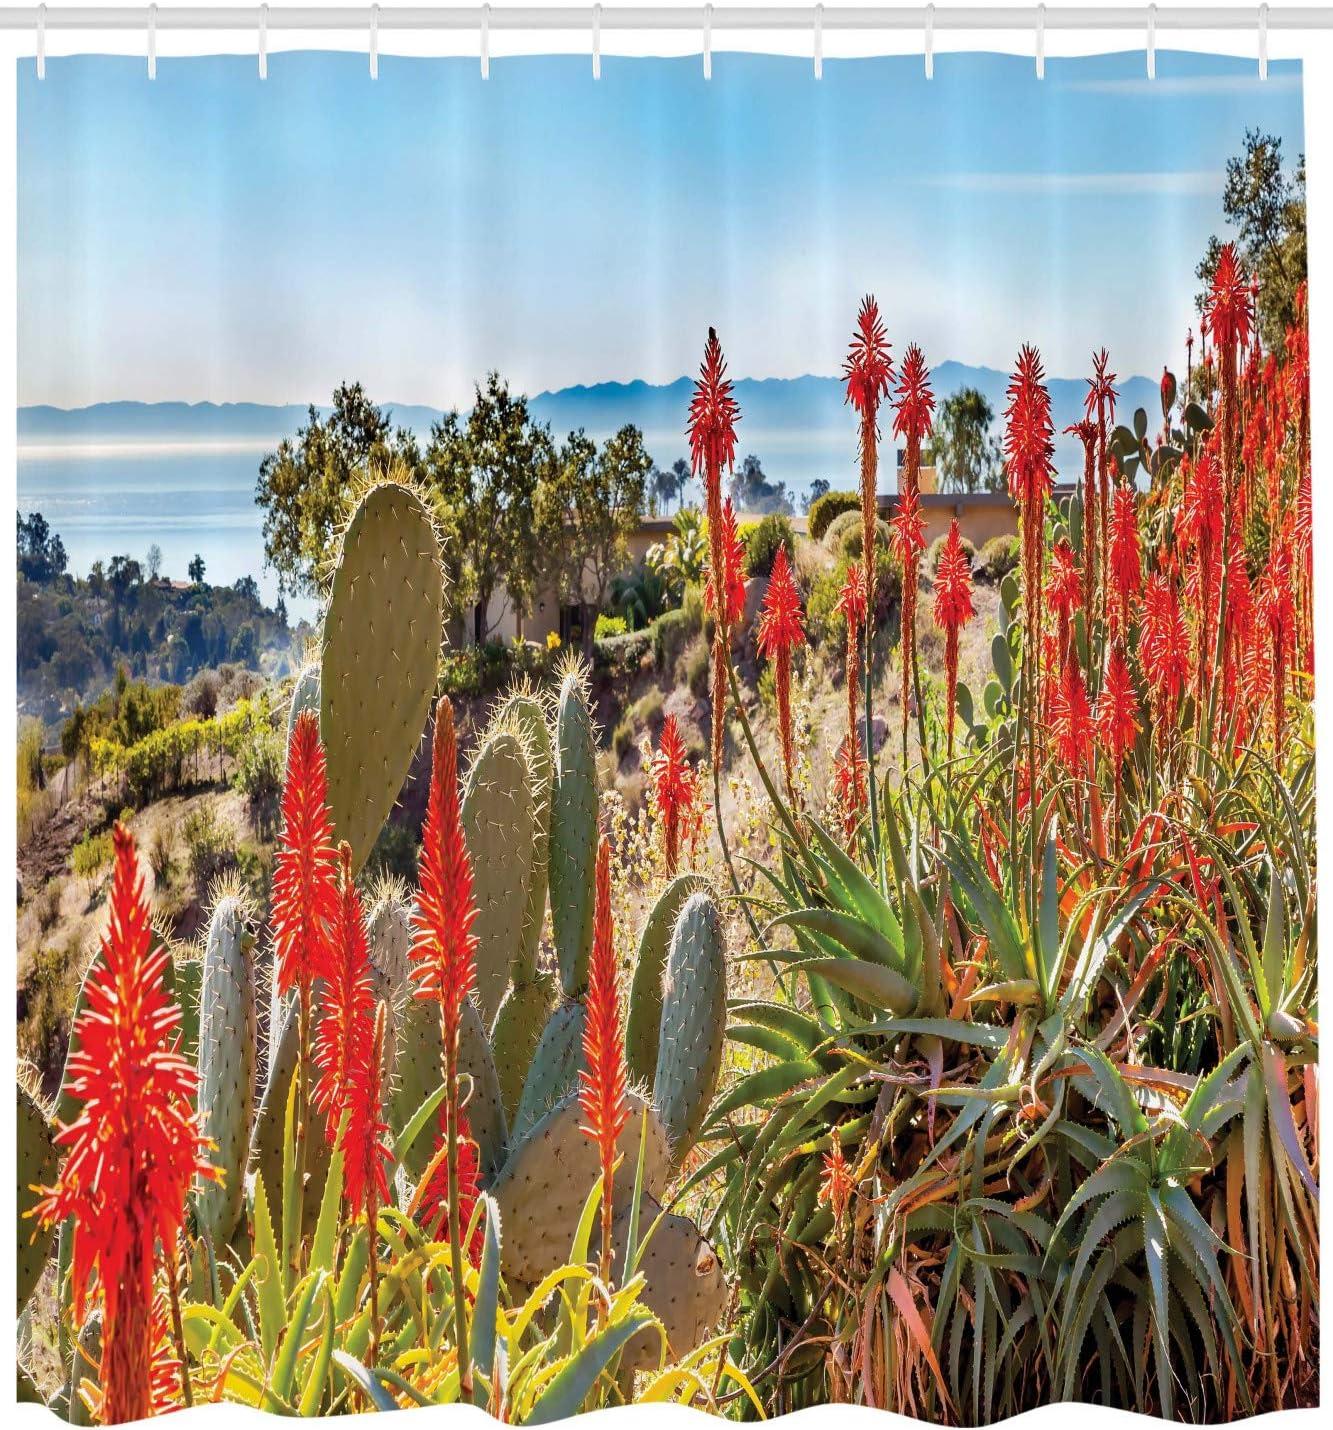 175 x 180 cm Desierto Photo Monta/ña Material Resistente al Agua Durable Estampa Digital Multicolor ABAKUHAUS Cactus Cortina de Ba/ño